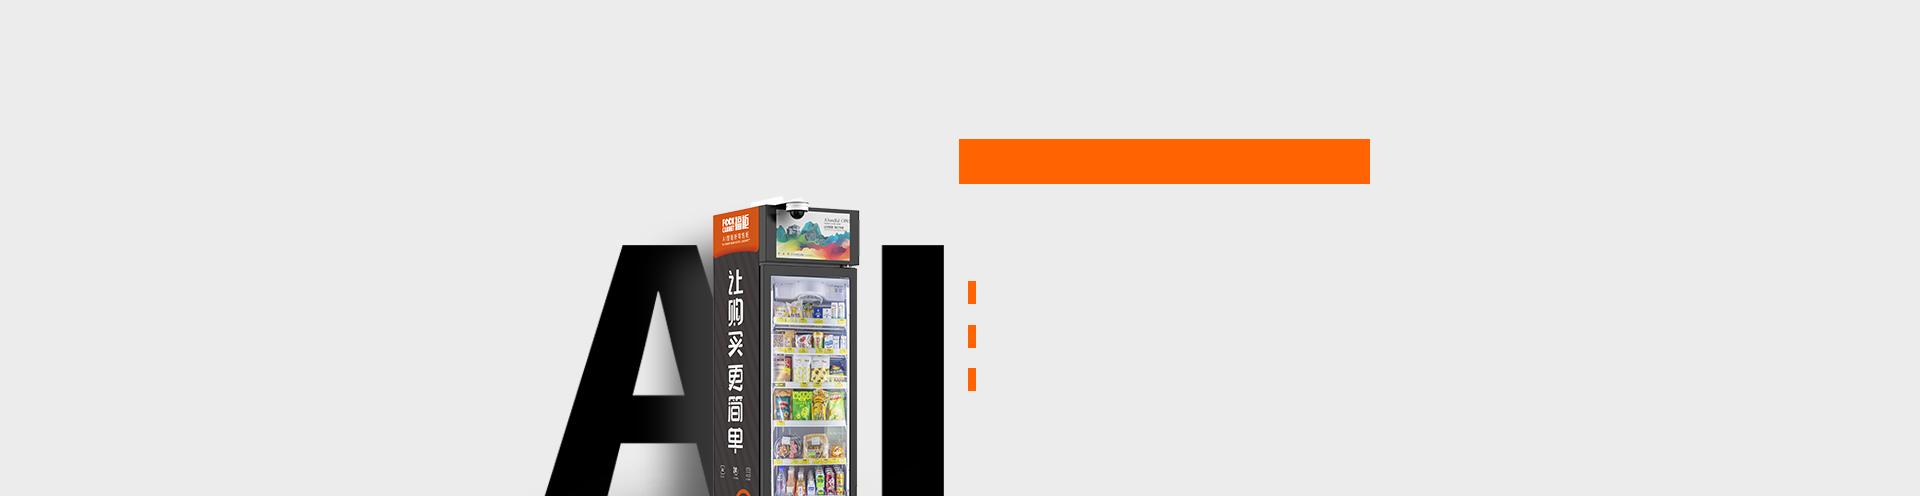 新萄京撬动新零售商机的支点